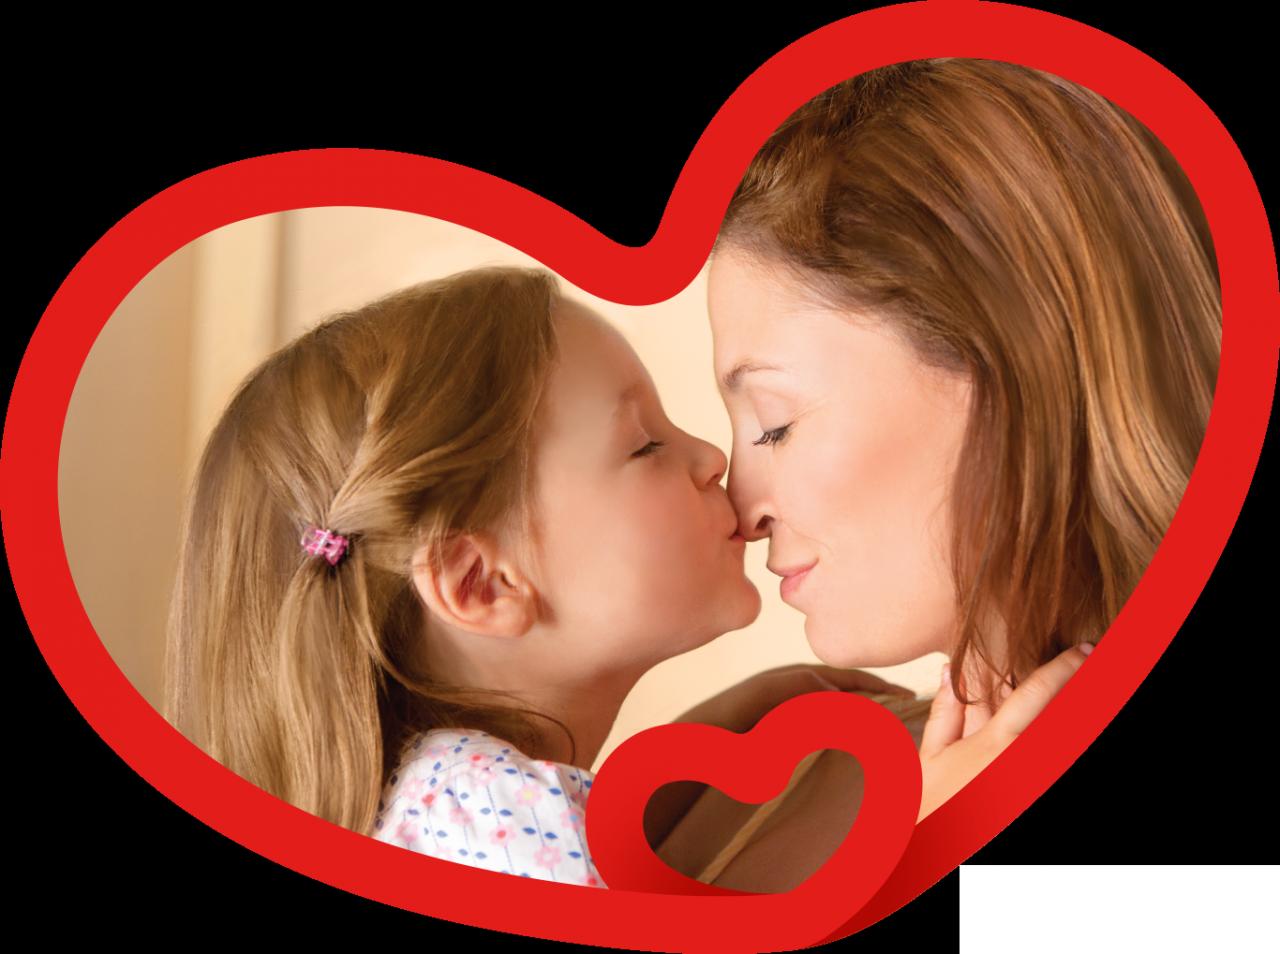 Картинки о любви матери к детям, обожаемому